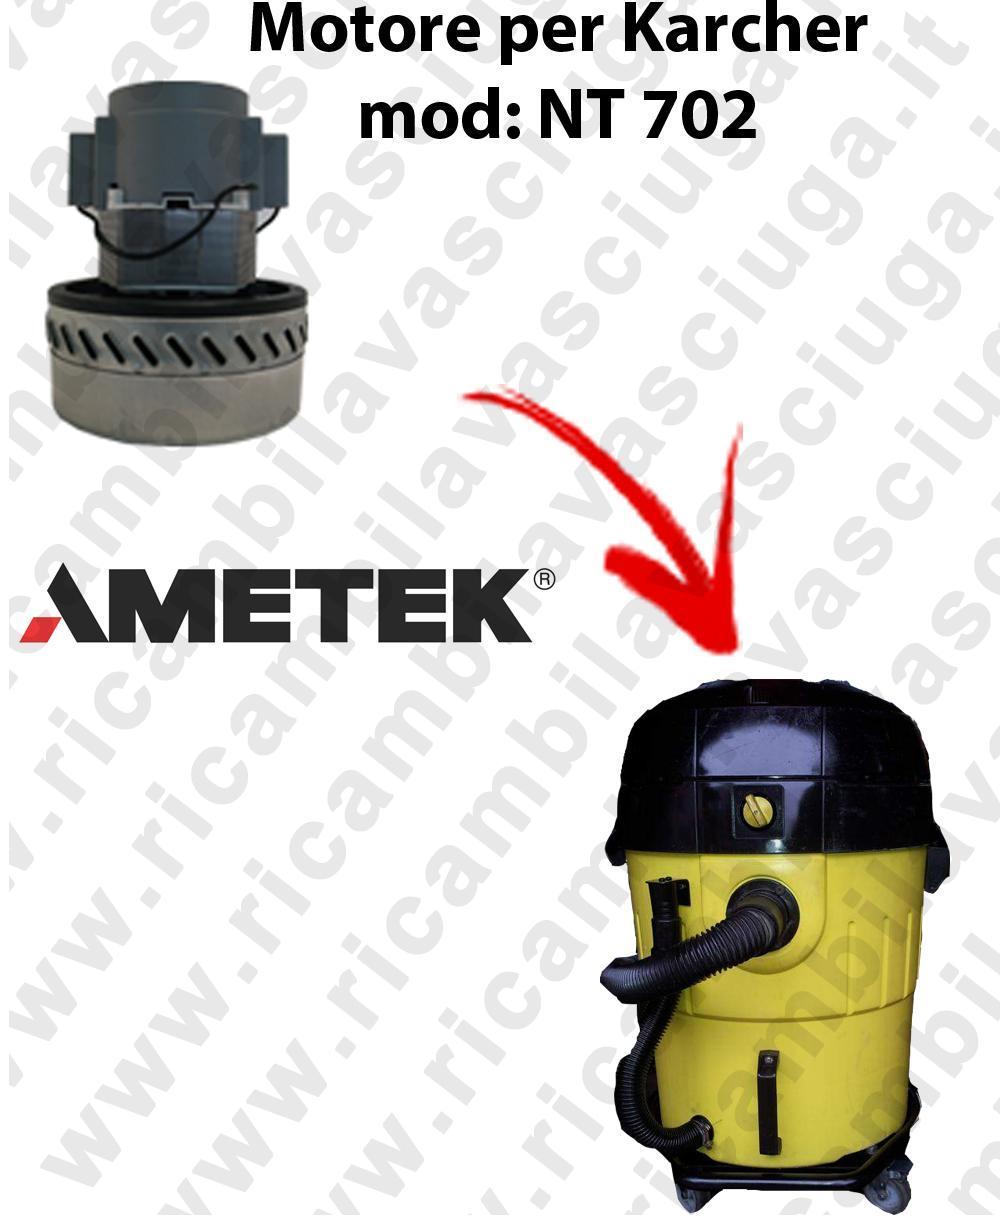 NT702 Motore de aspiración AMETEK  para aspiradora KARCHER